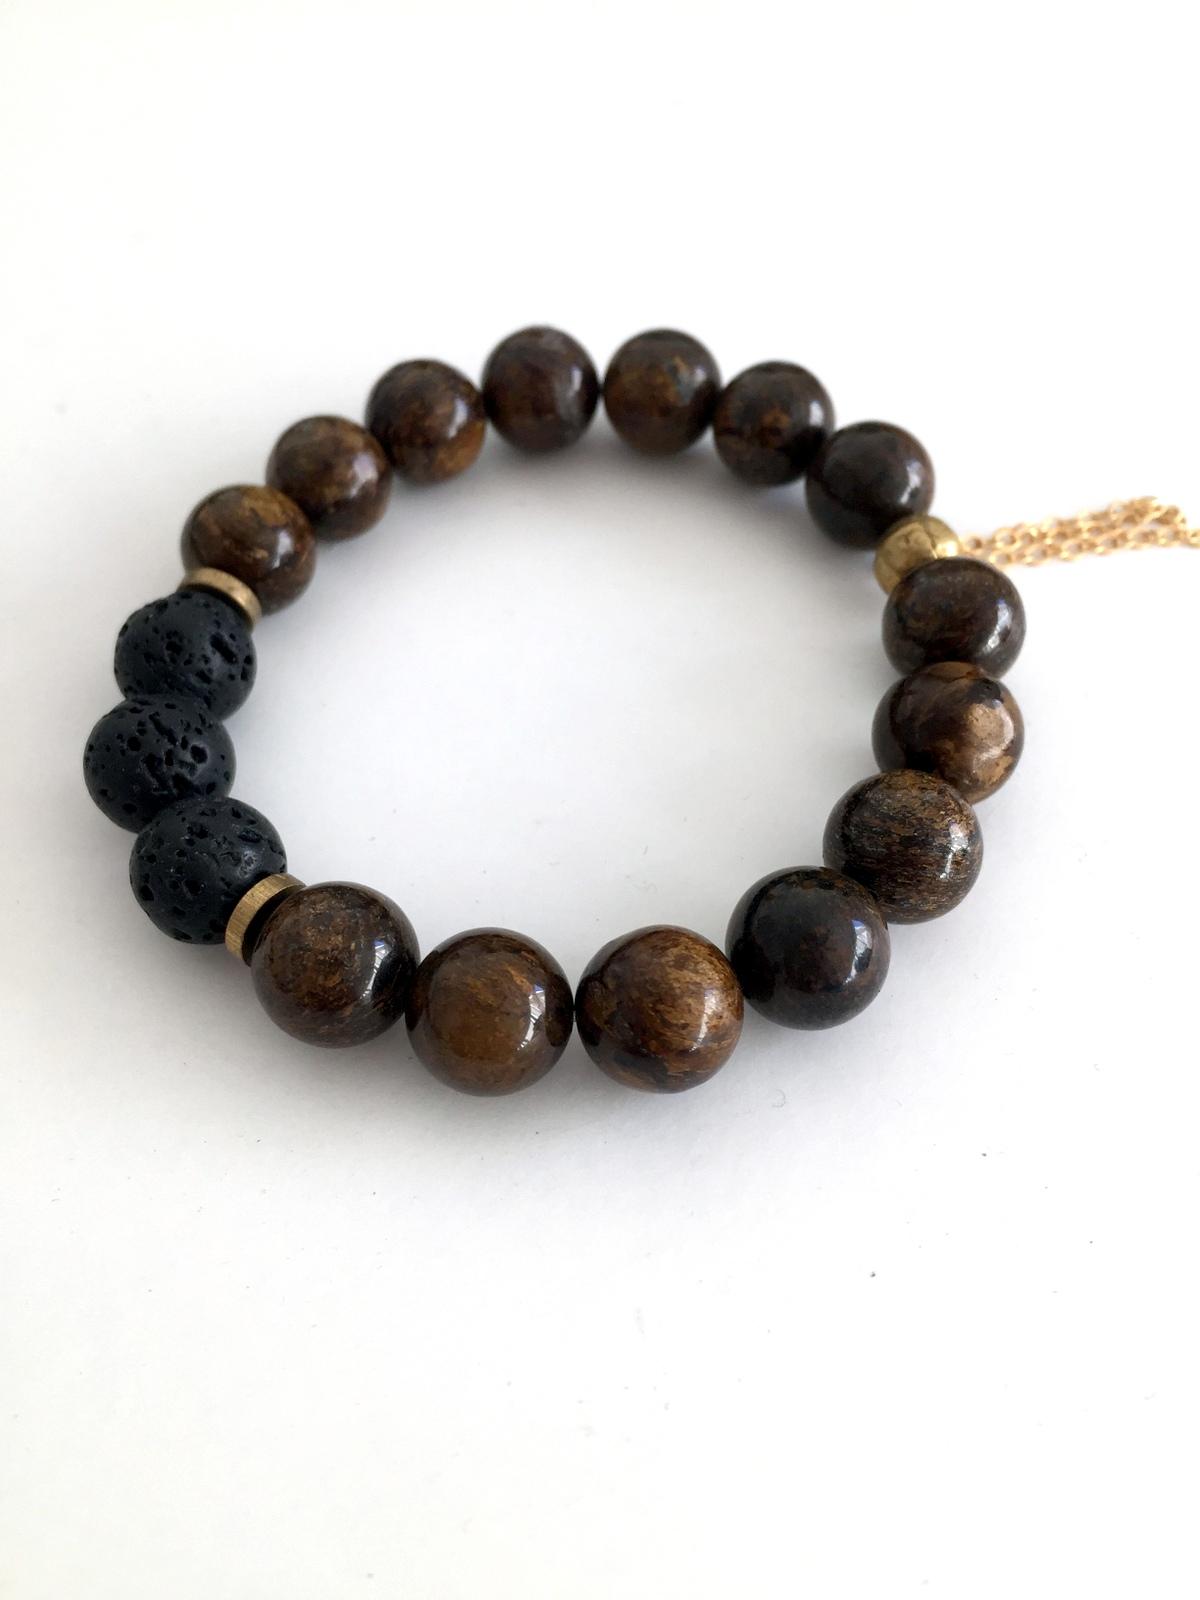 bronzite gemstone bracelet handmade jewelry by jewelry